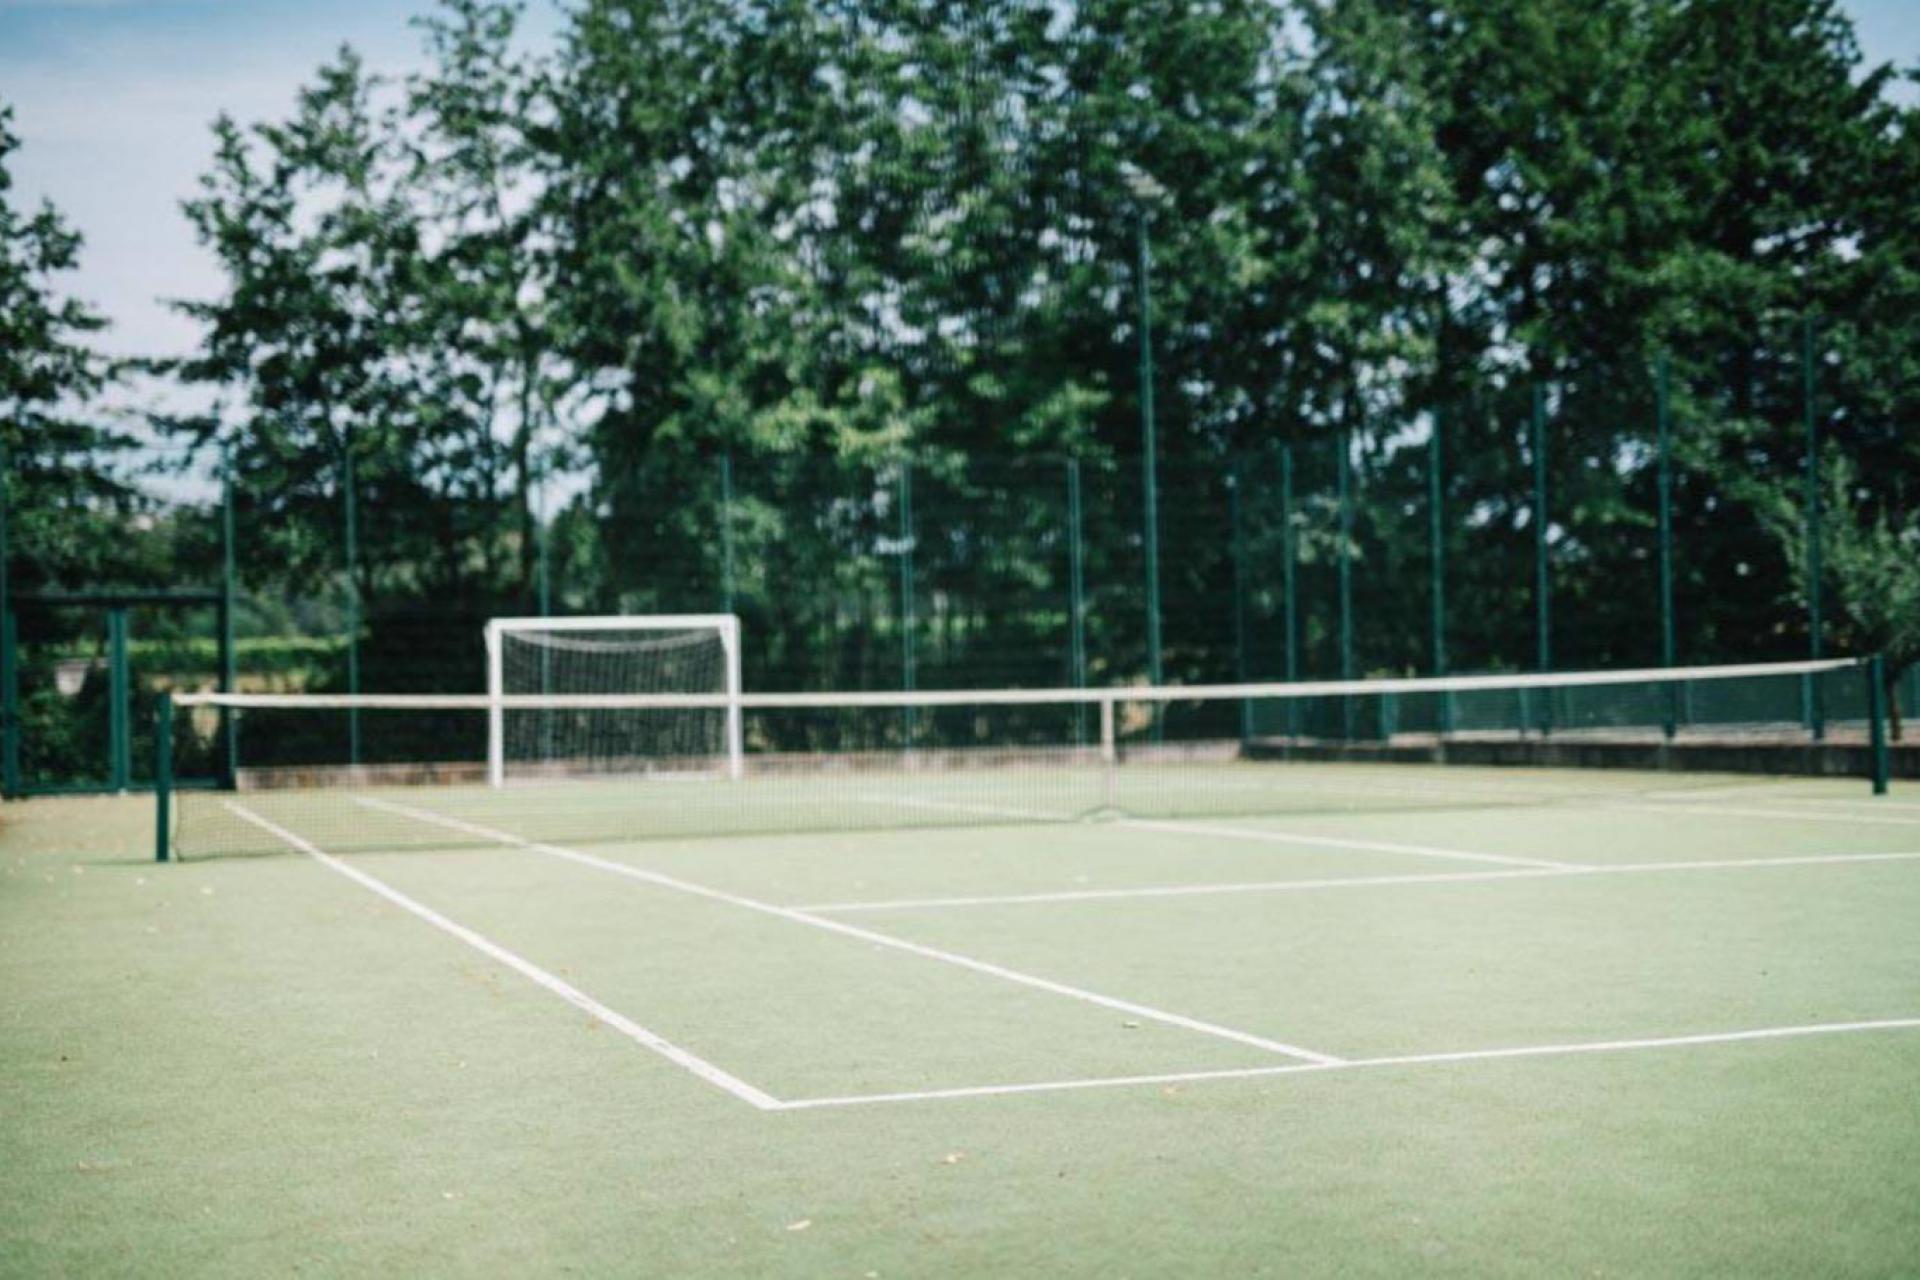 Agriturismo Comomeer en Gardameer Kindvriendelijk en centraal gelegen agriturismo Gardameer